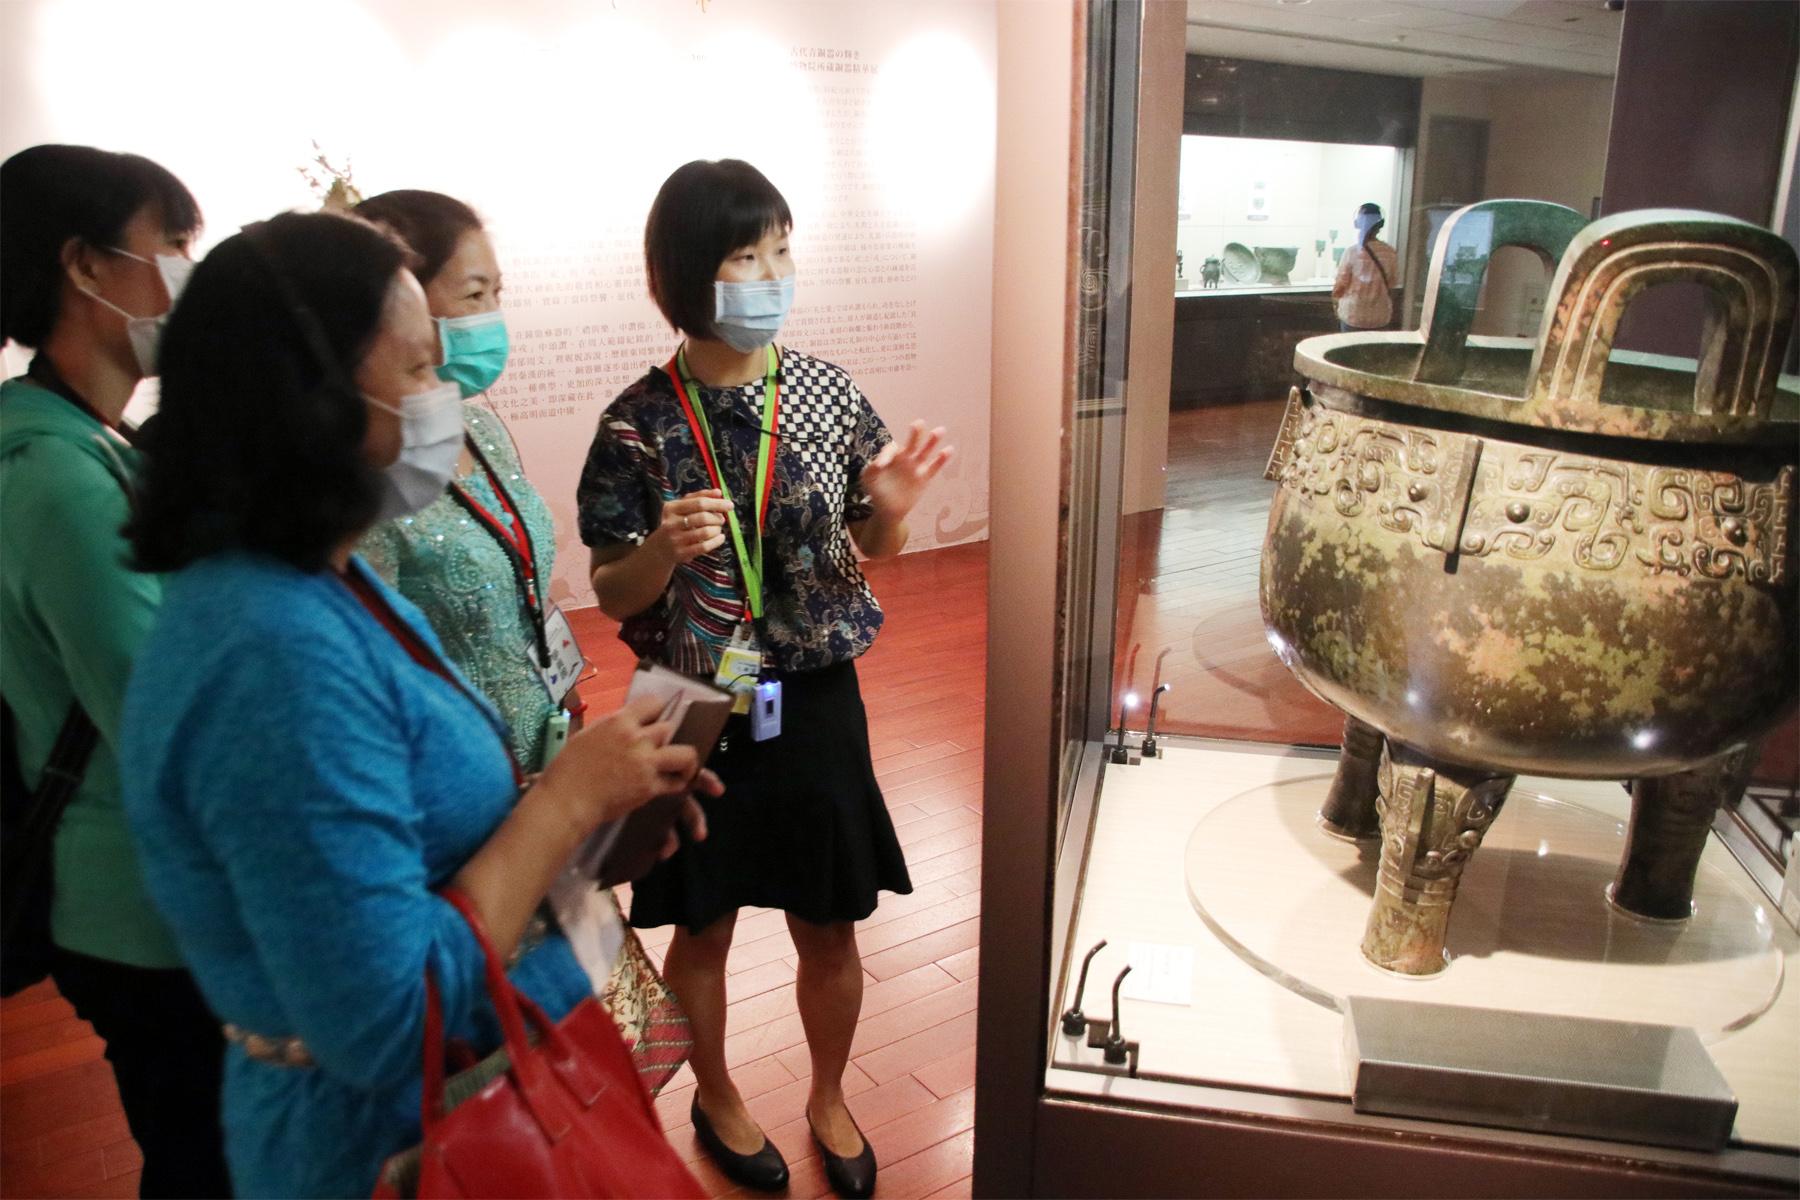 印尼新住民吳曉雯(右1)介紹商朝青銅食器「祖己鼎」,用生動的方式解說。